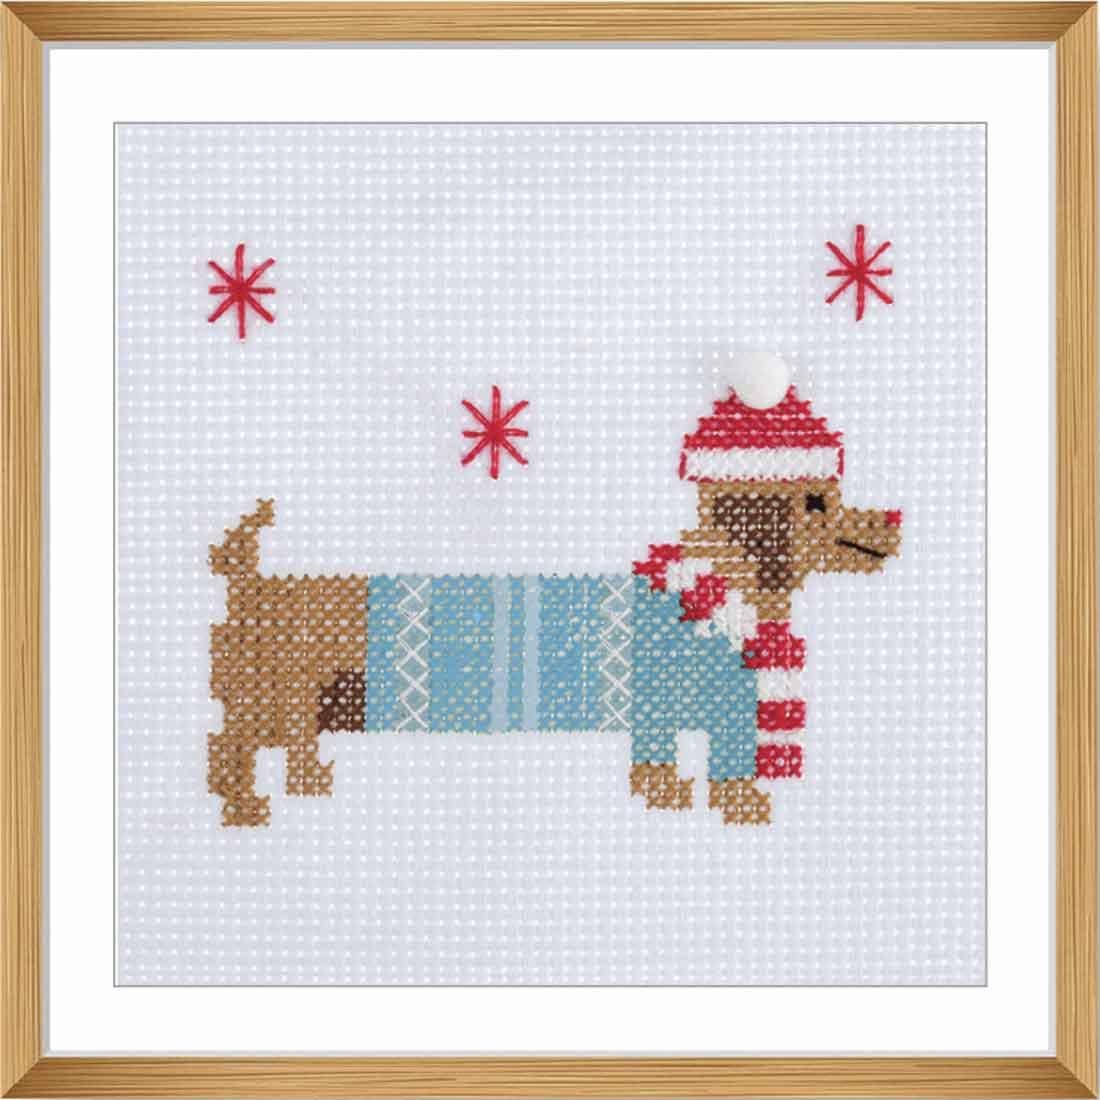 Festive Dashchund Cross Stitch Kit